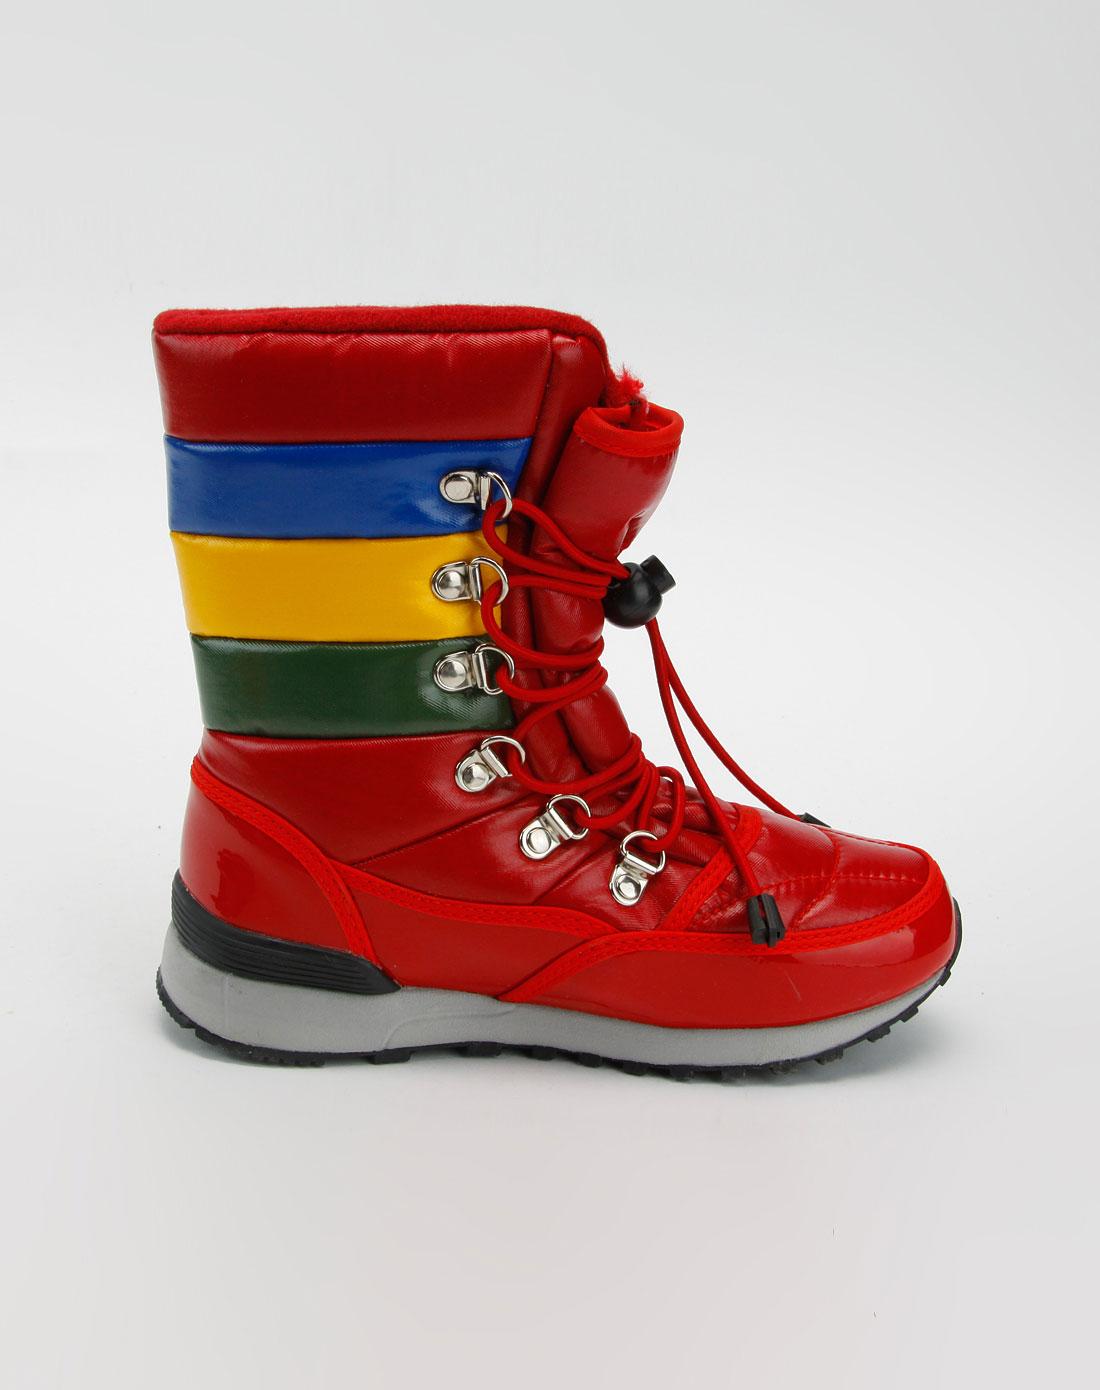 儿童红色雪地靴_哈利波特harrypotter童鞋特价2